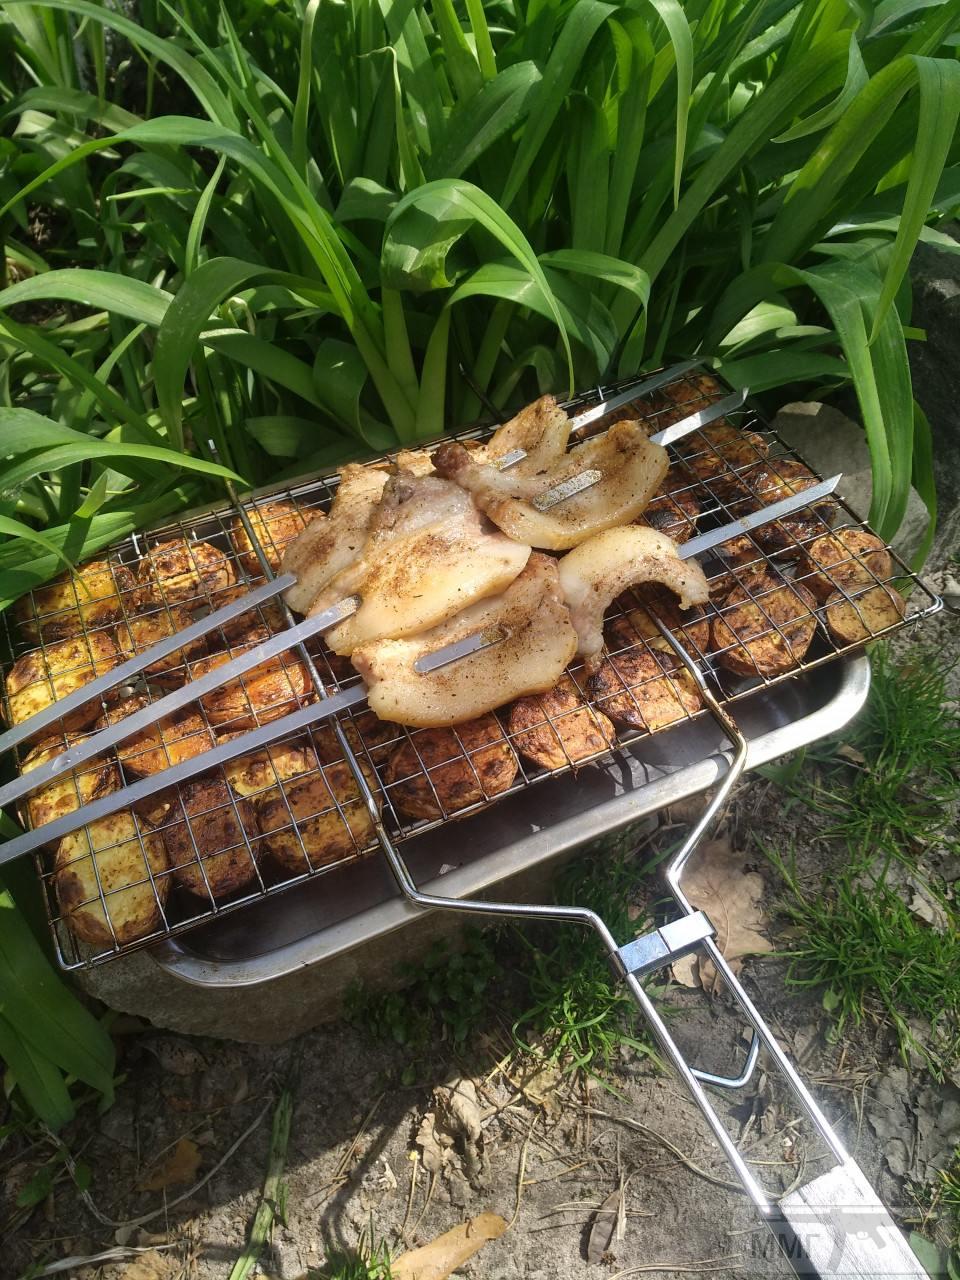 99689 - Закуски на огне (мангал, барбекю и т.д.) и кулинария вообще. Советы и рецепты.